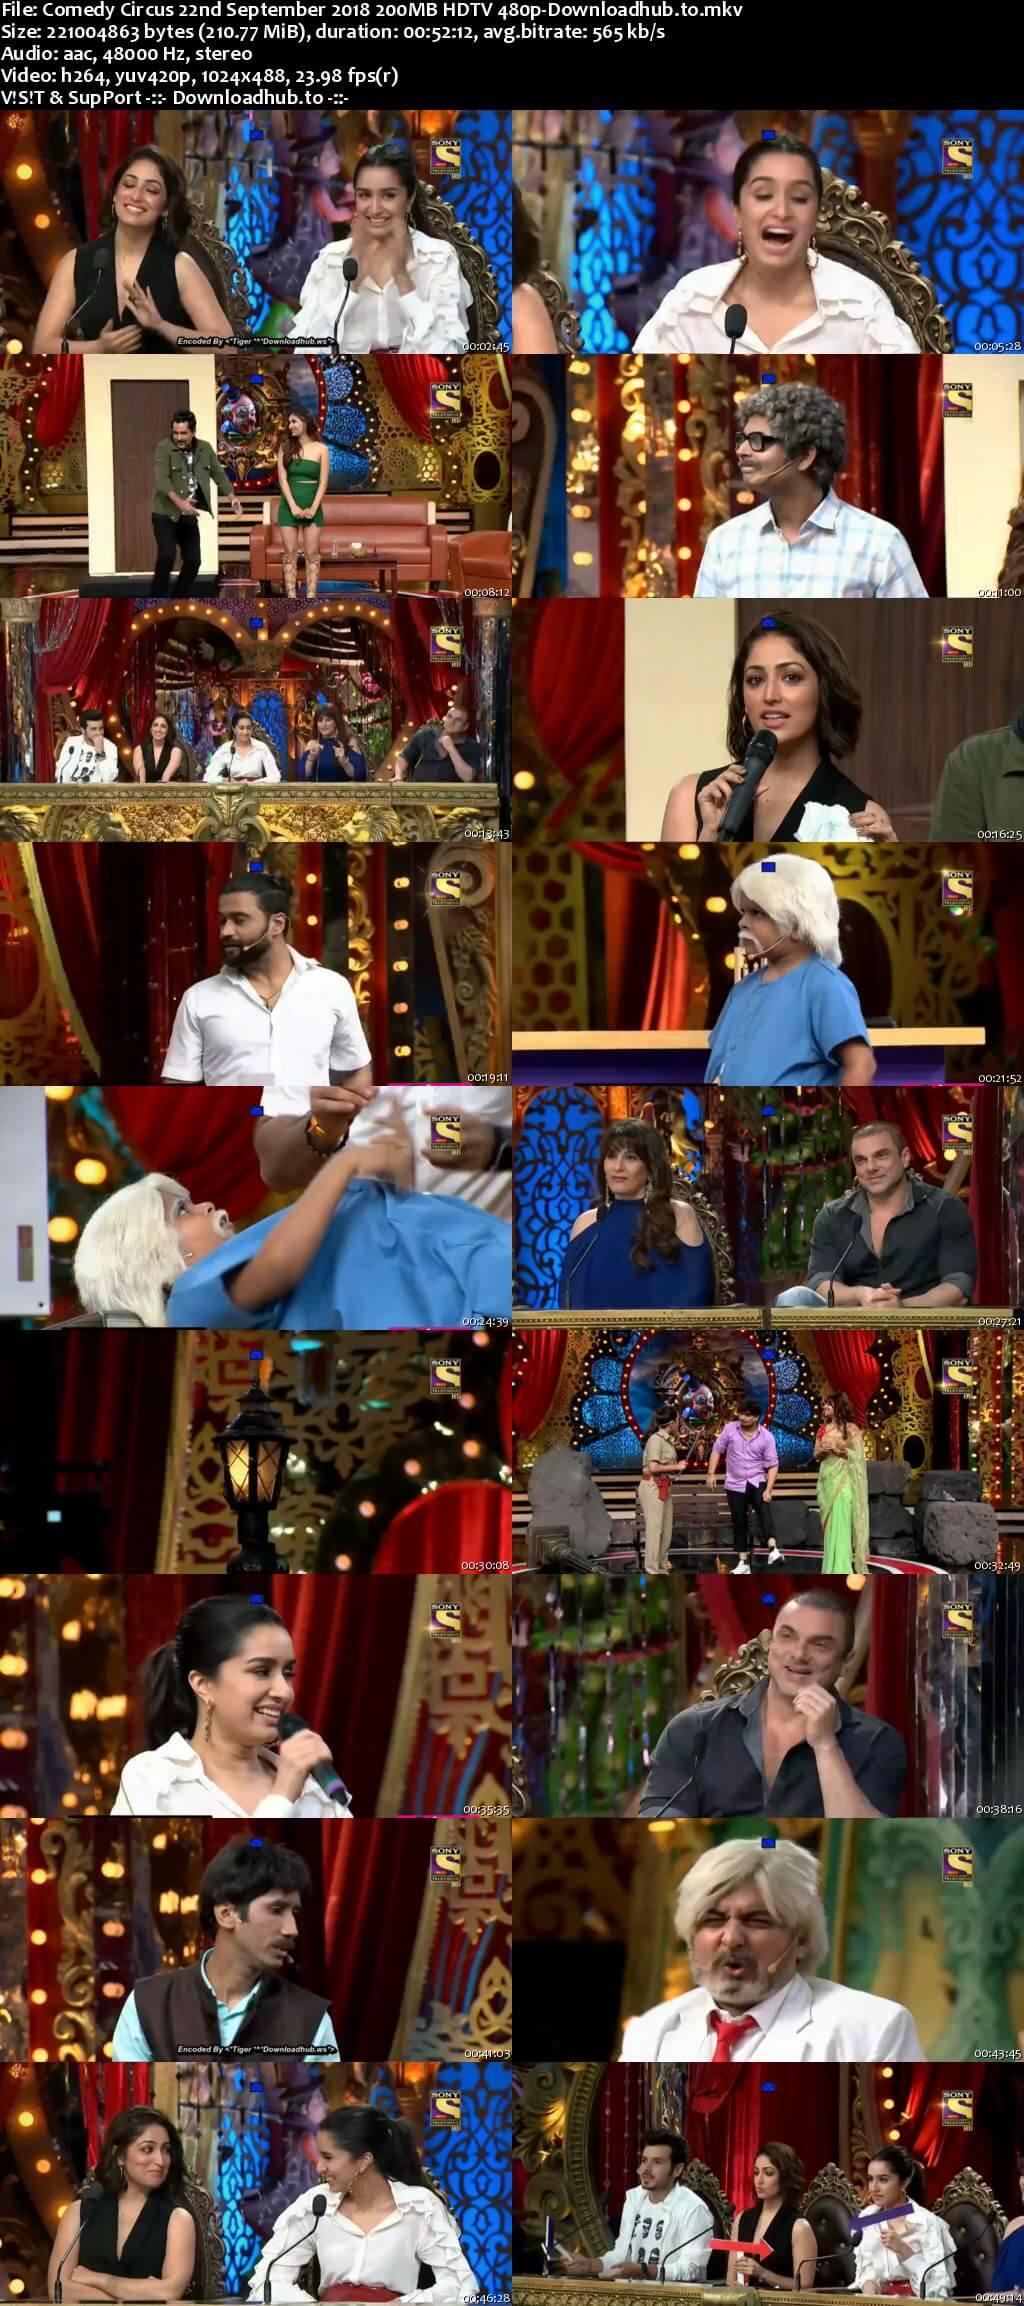 Comedy Circus 22 September 2018 Episode 03 HDTV 480p